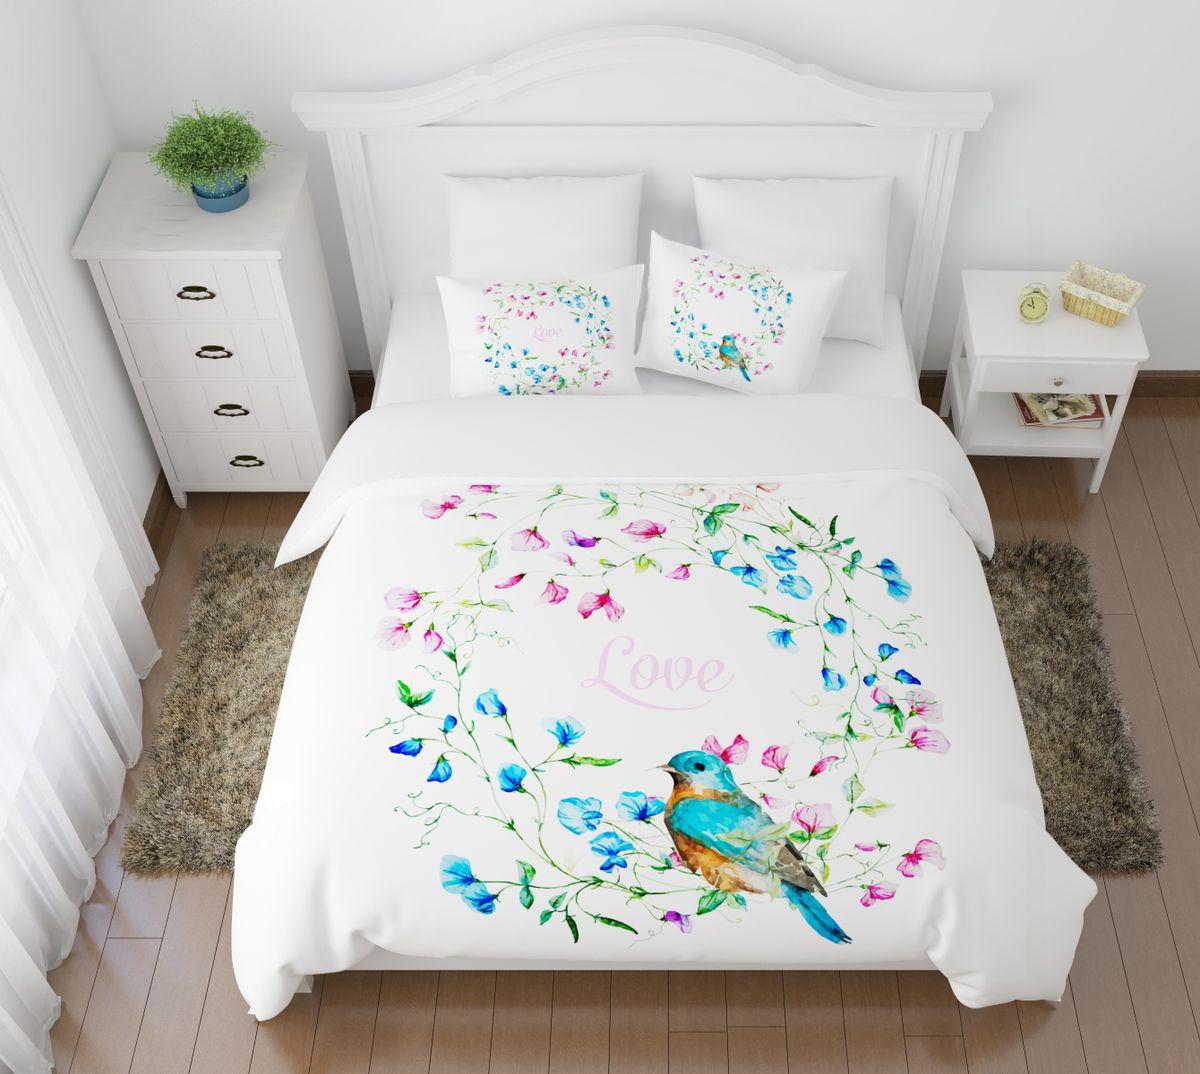 Комплект белья Сирень Аморе, 2-спальный, наволочки 50х7008209-КПБ2-МКомплект постельного белья Сирень выполнен из прочной и мягкой ткани. Четкий и стильный рисунок в сочетании с насыщенными красками делают комплект постельного белья неповторимой изюминкой любого интерьера.Постельное белье идеально подойдет для подарка. Идеальное соотношение смешенной ткани и гипоаллергенных красок - это гарантия здорового, спокойного сна. Ткань хорошо впитывает влагу, надолго сохраняет яркость красок.В комплект входят: простынь, пододеяльник, две наволочки. Постельное белье легко стирать при 30-40°С, гладить при 150°С, не отбеливать. Рекомендуется перед первым использованием постирать.УВАЖАЕМЫЕ КЛИЕНТЫ! Обращаем ваше внимание, что цвет простыни, пододеяльника, наволочки в комплектации может немного отличаться от представленного на фото.